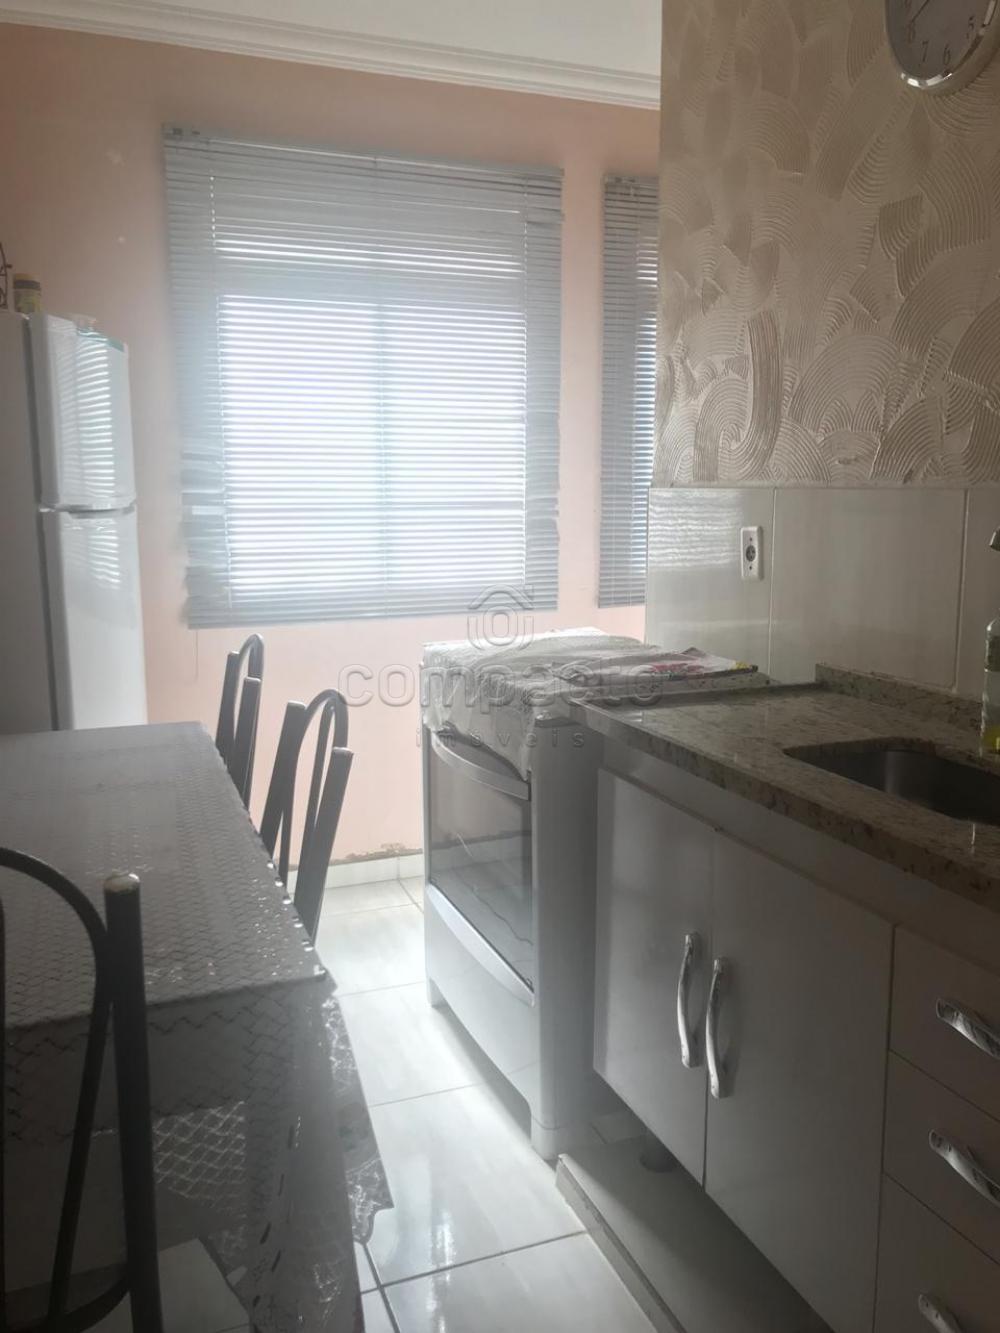 Comprar Apartamento / Padrão em São José do Rio Preto apenas R$ 80.000,00 - Foto 6